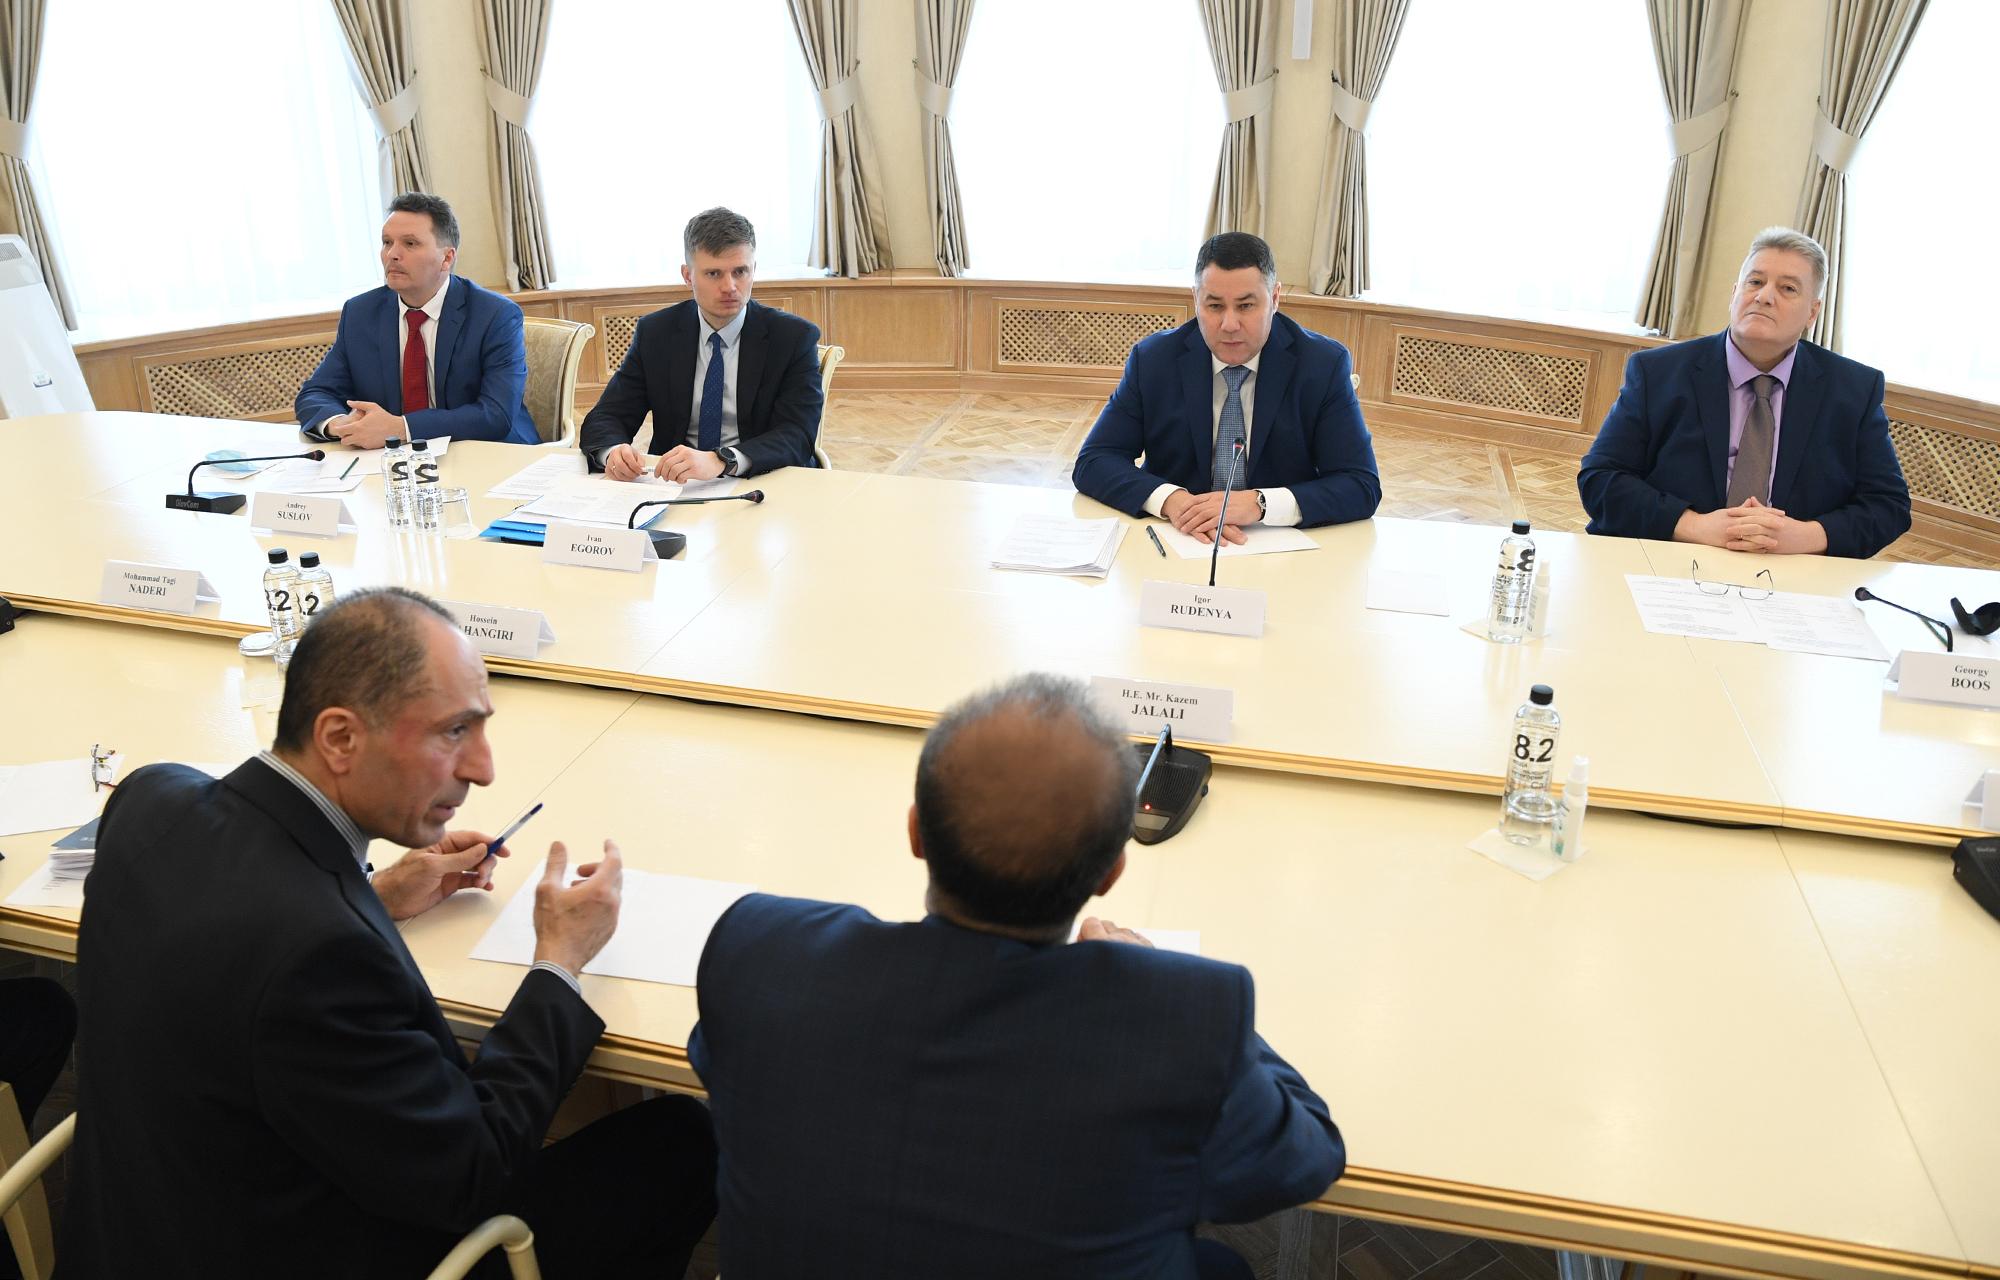 Губернатор Игорь Руденя обсудил с послом Ирана развитие экономического сотрудничества